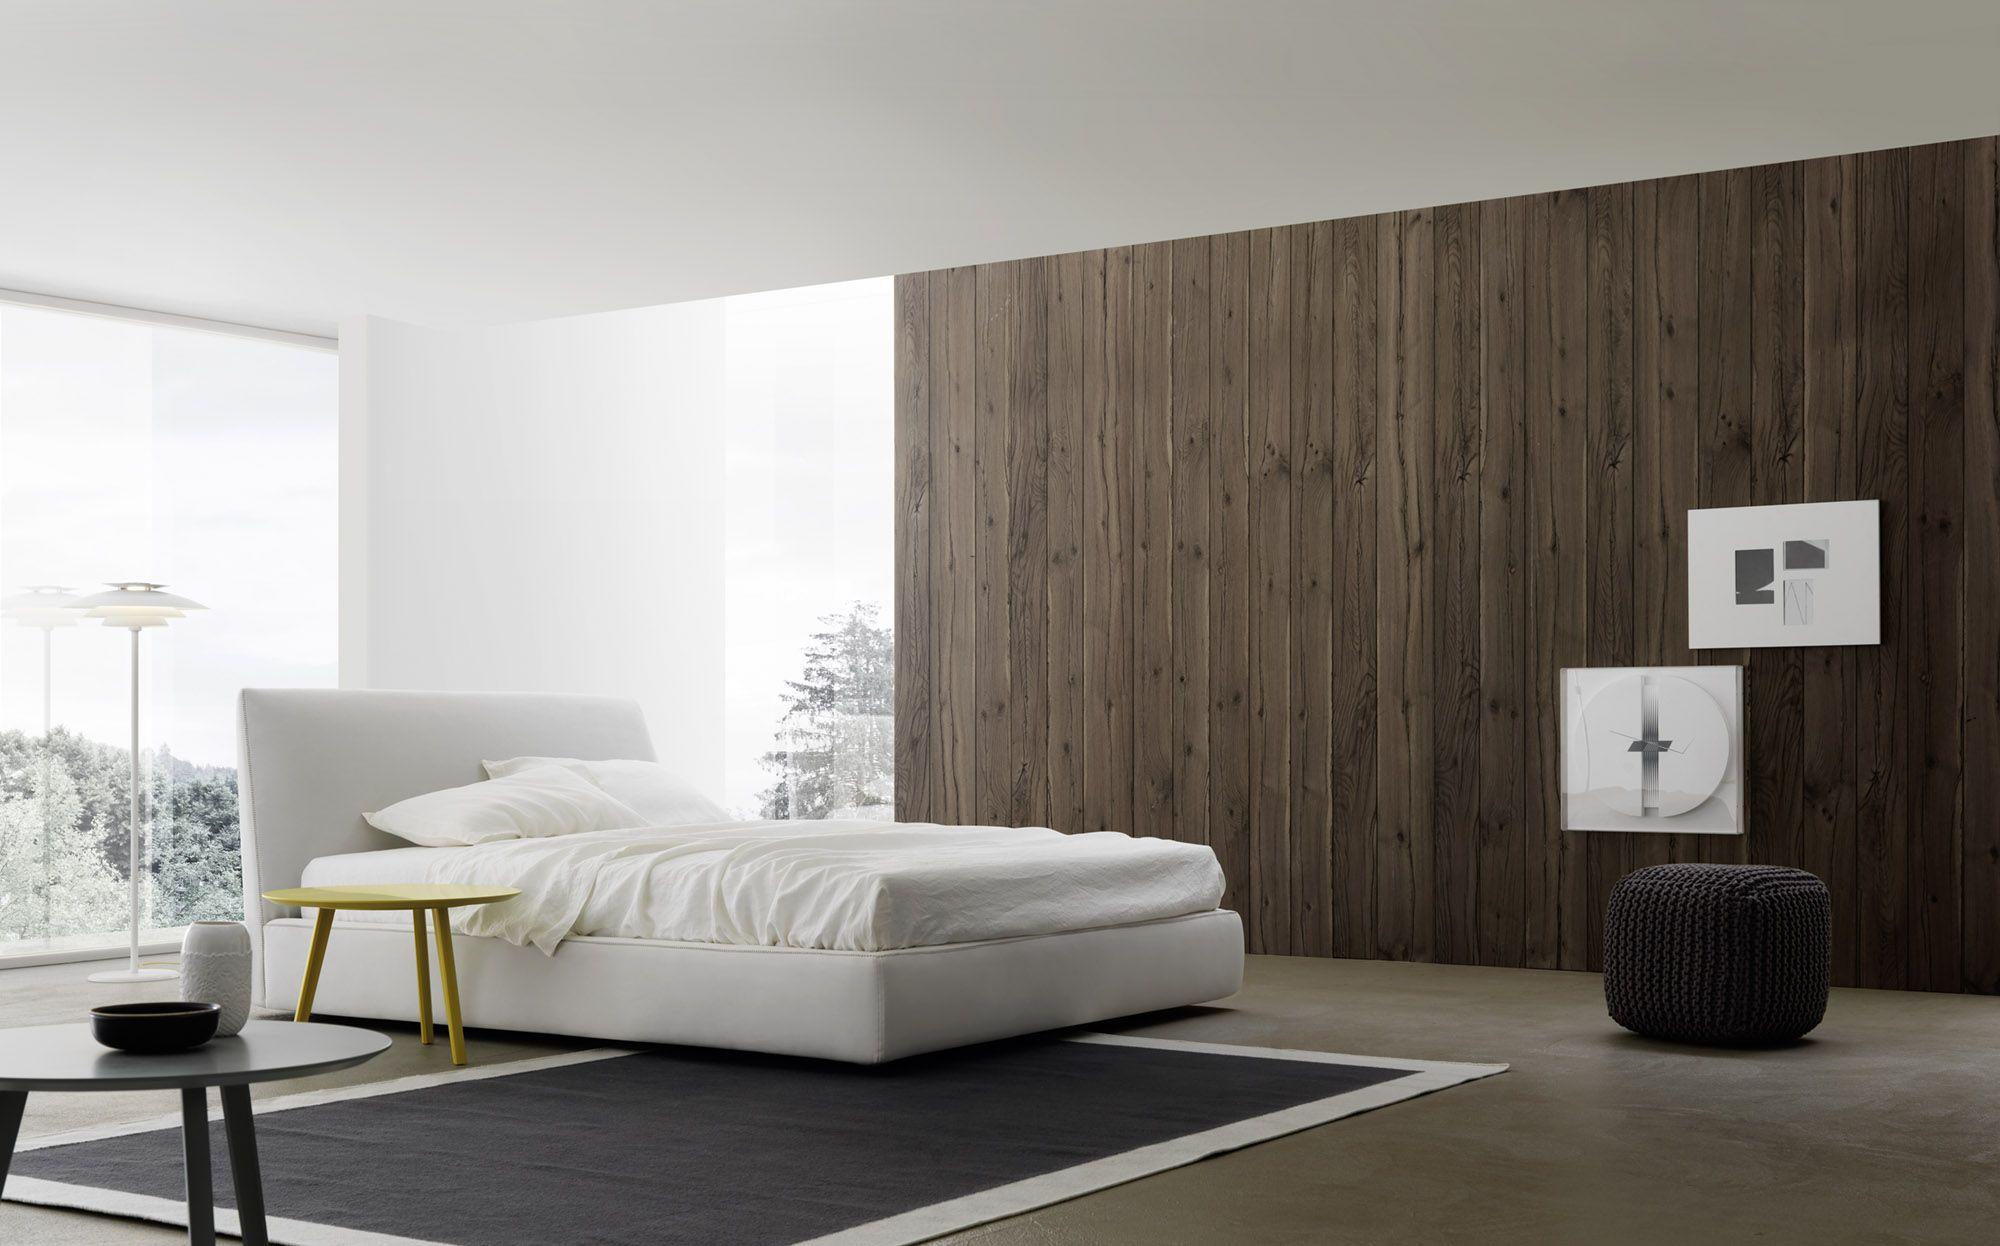 Italien Schlafzimmer ~ Modernes schlafzimmer von livitalia mit schwebendem bett und